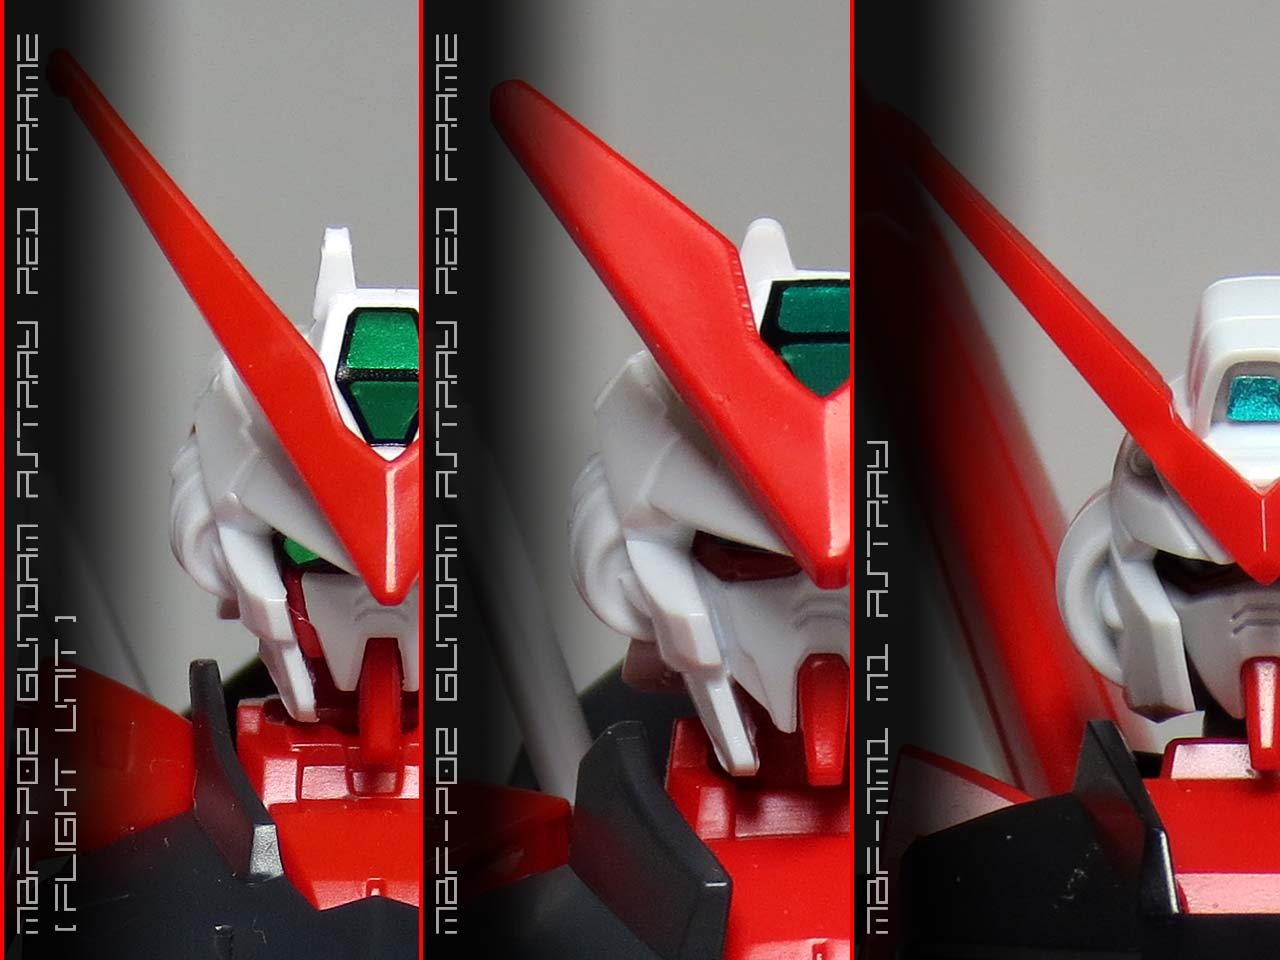 HG_MBF_P02_RED_FRAME_28.jpg